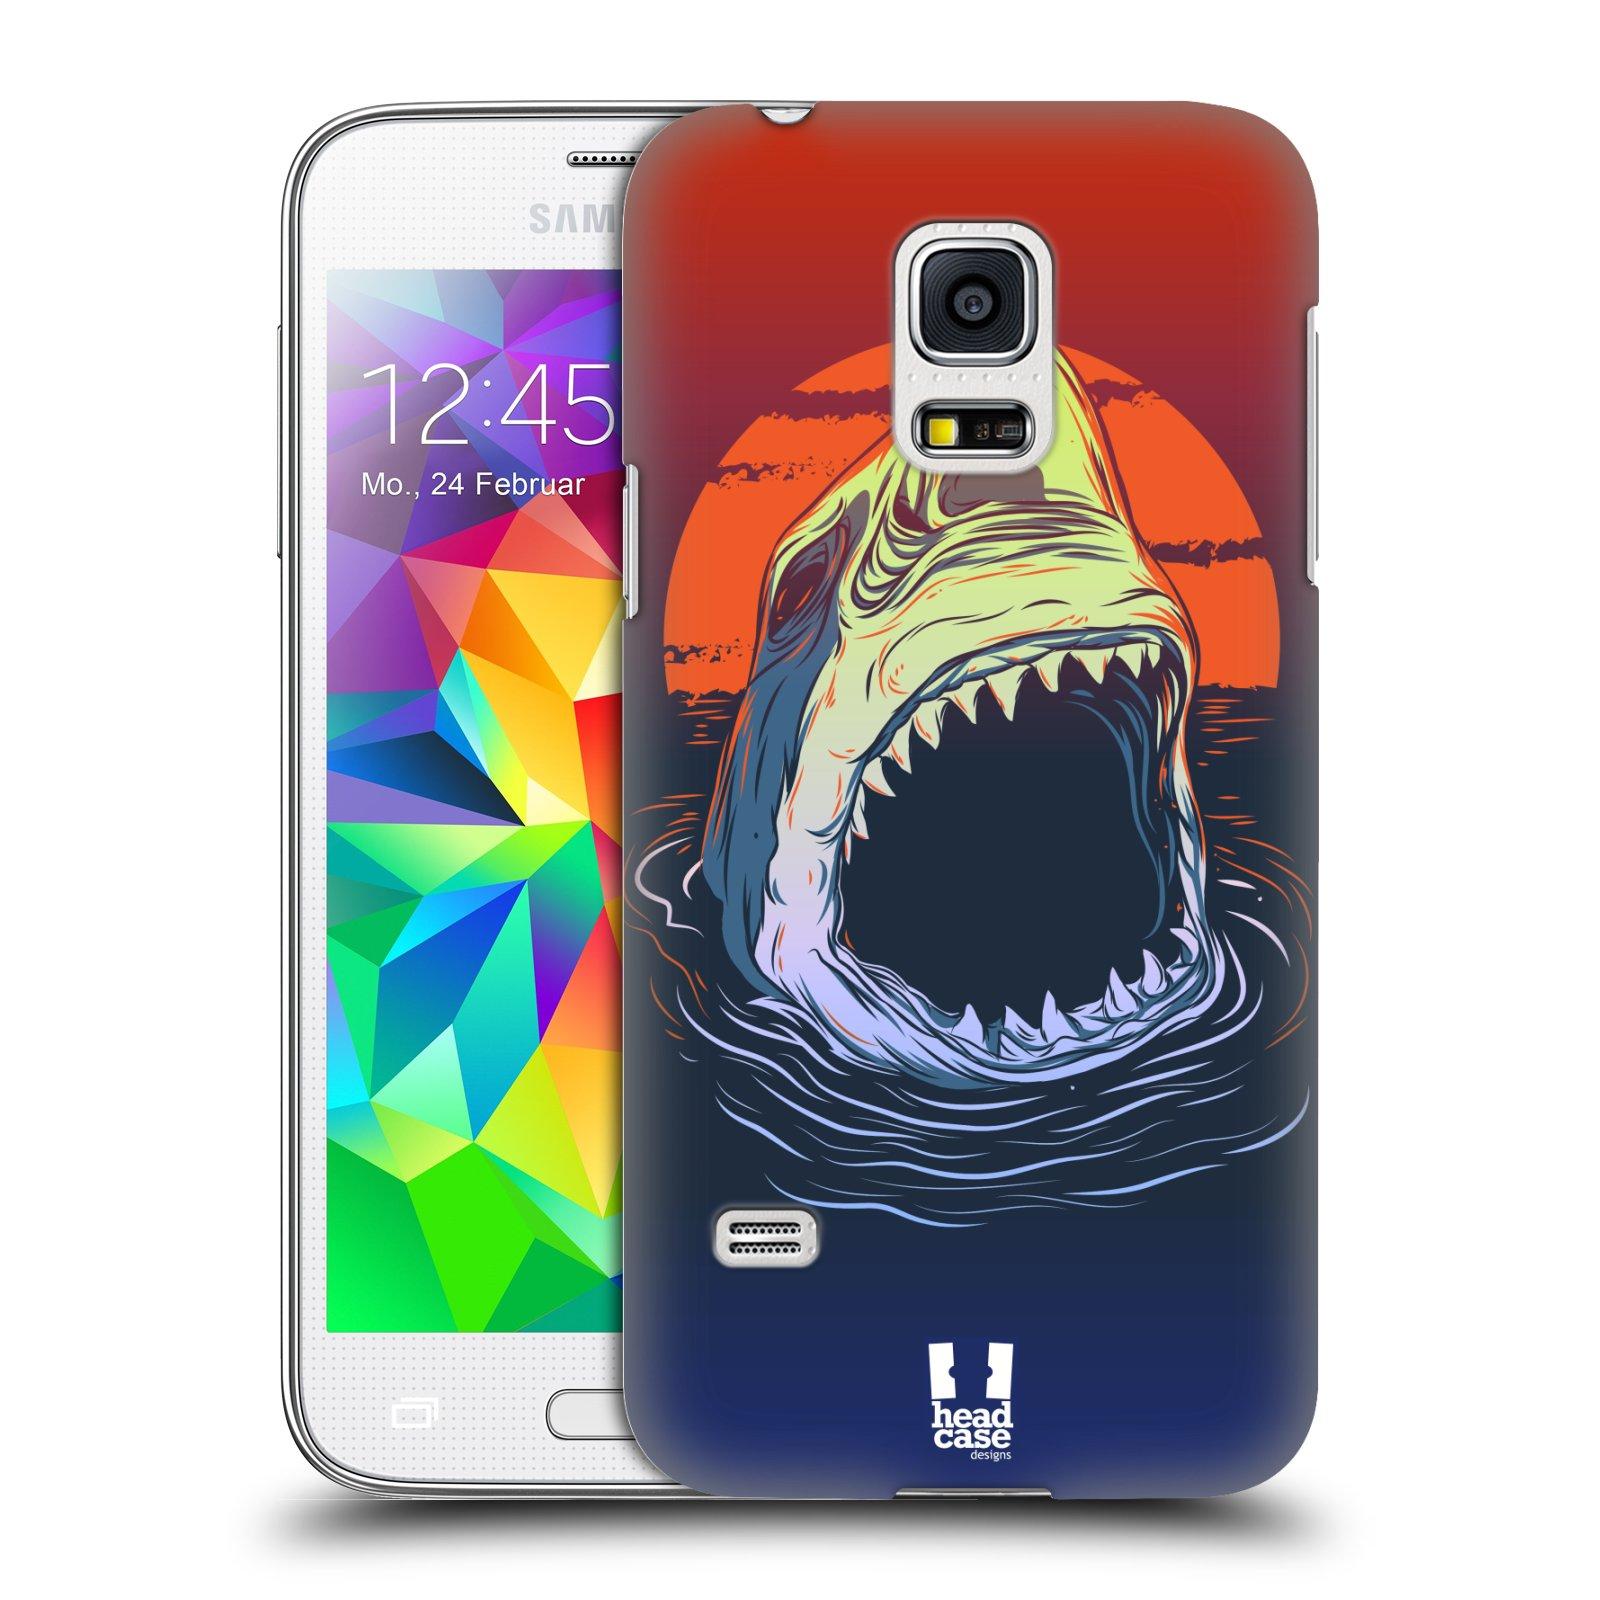 HEAD CASE plastový obal na mobil SAMSUNG Galaxy S5 MINI / S5 MINI DUOS vzor mořská monstra žralok